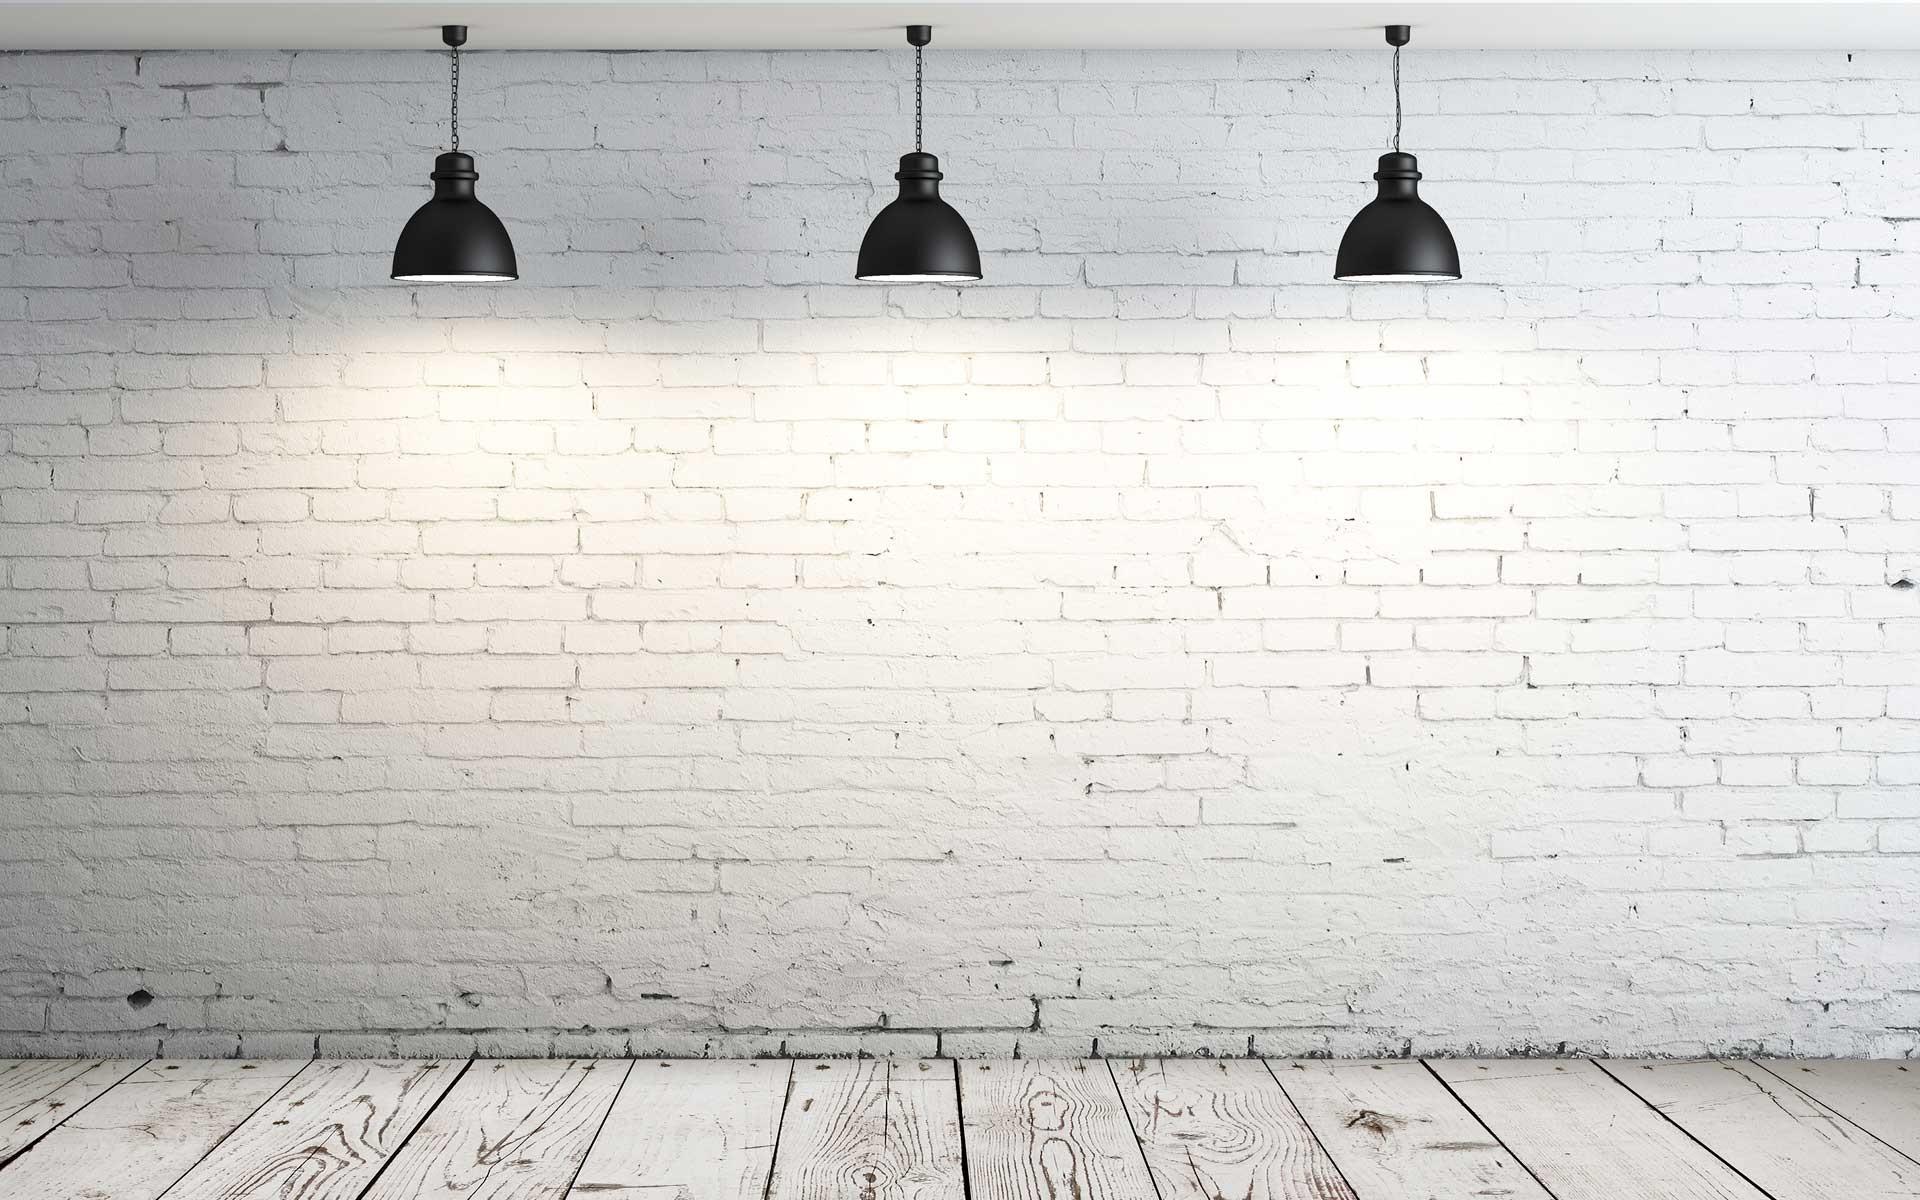 Fondos de pantalla blanco monocromo habitaci n pared for Esteban paredes wallpaper hd